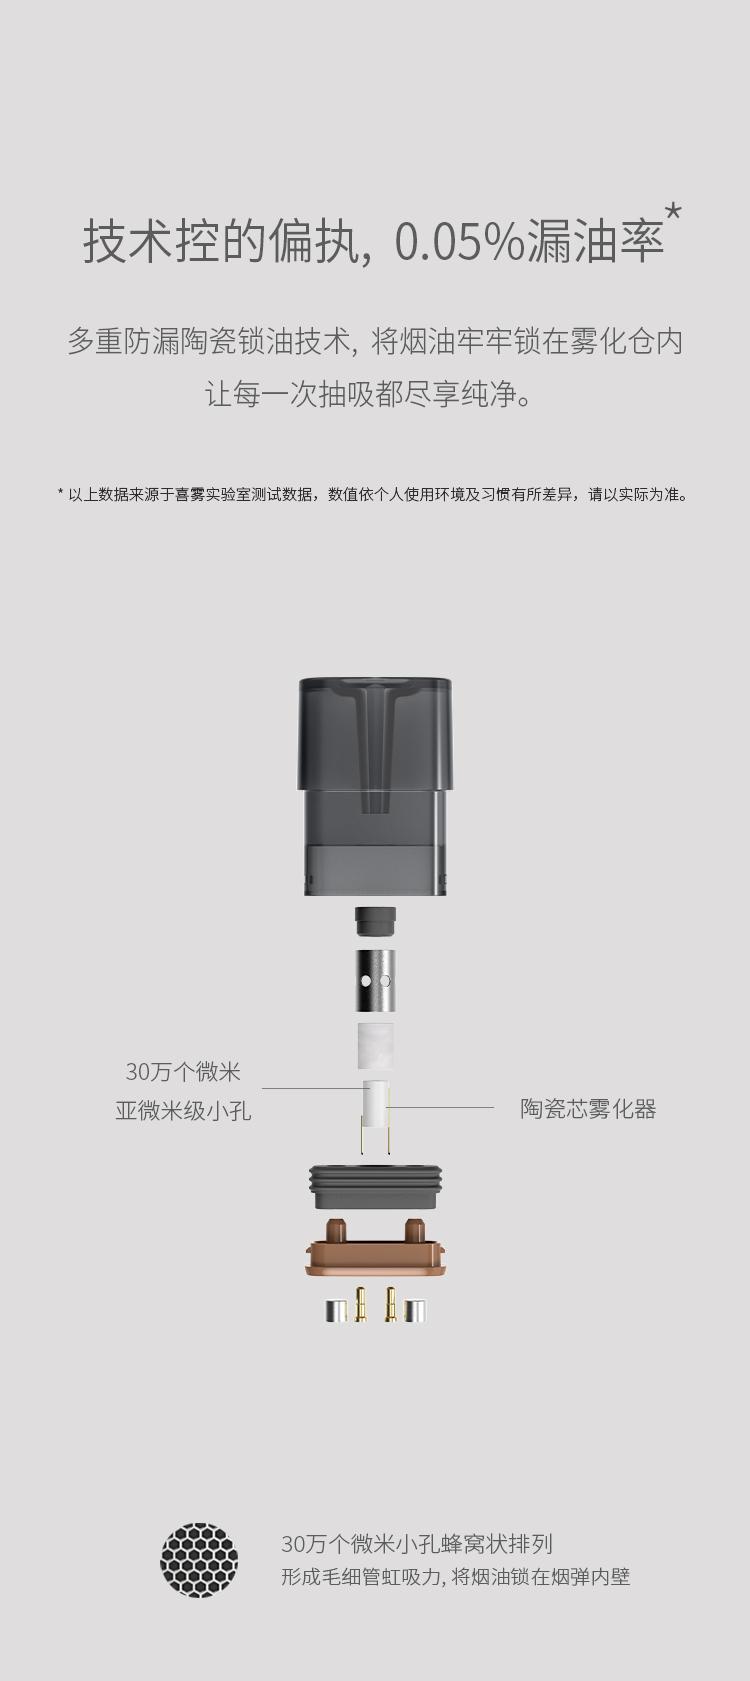 西北电子烟大数据:陕西注册公司最多,悦刻雪加小野渗透率高